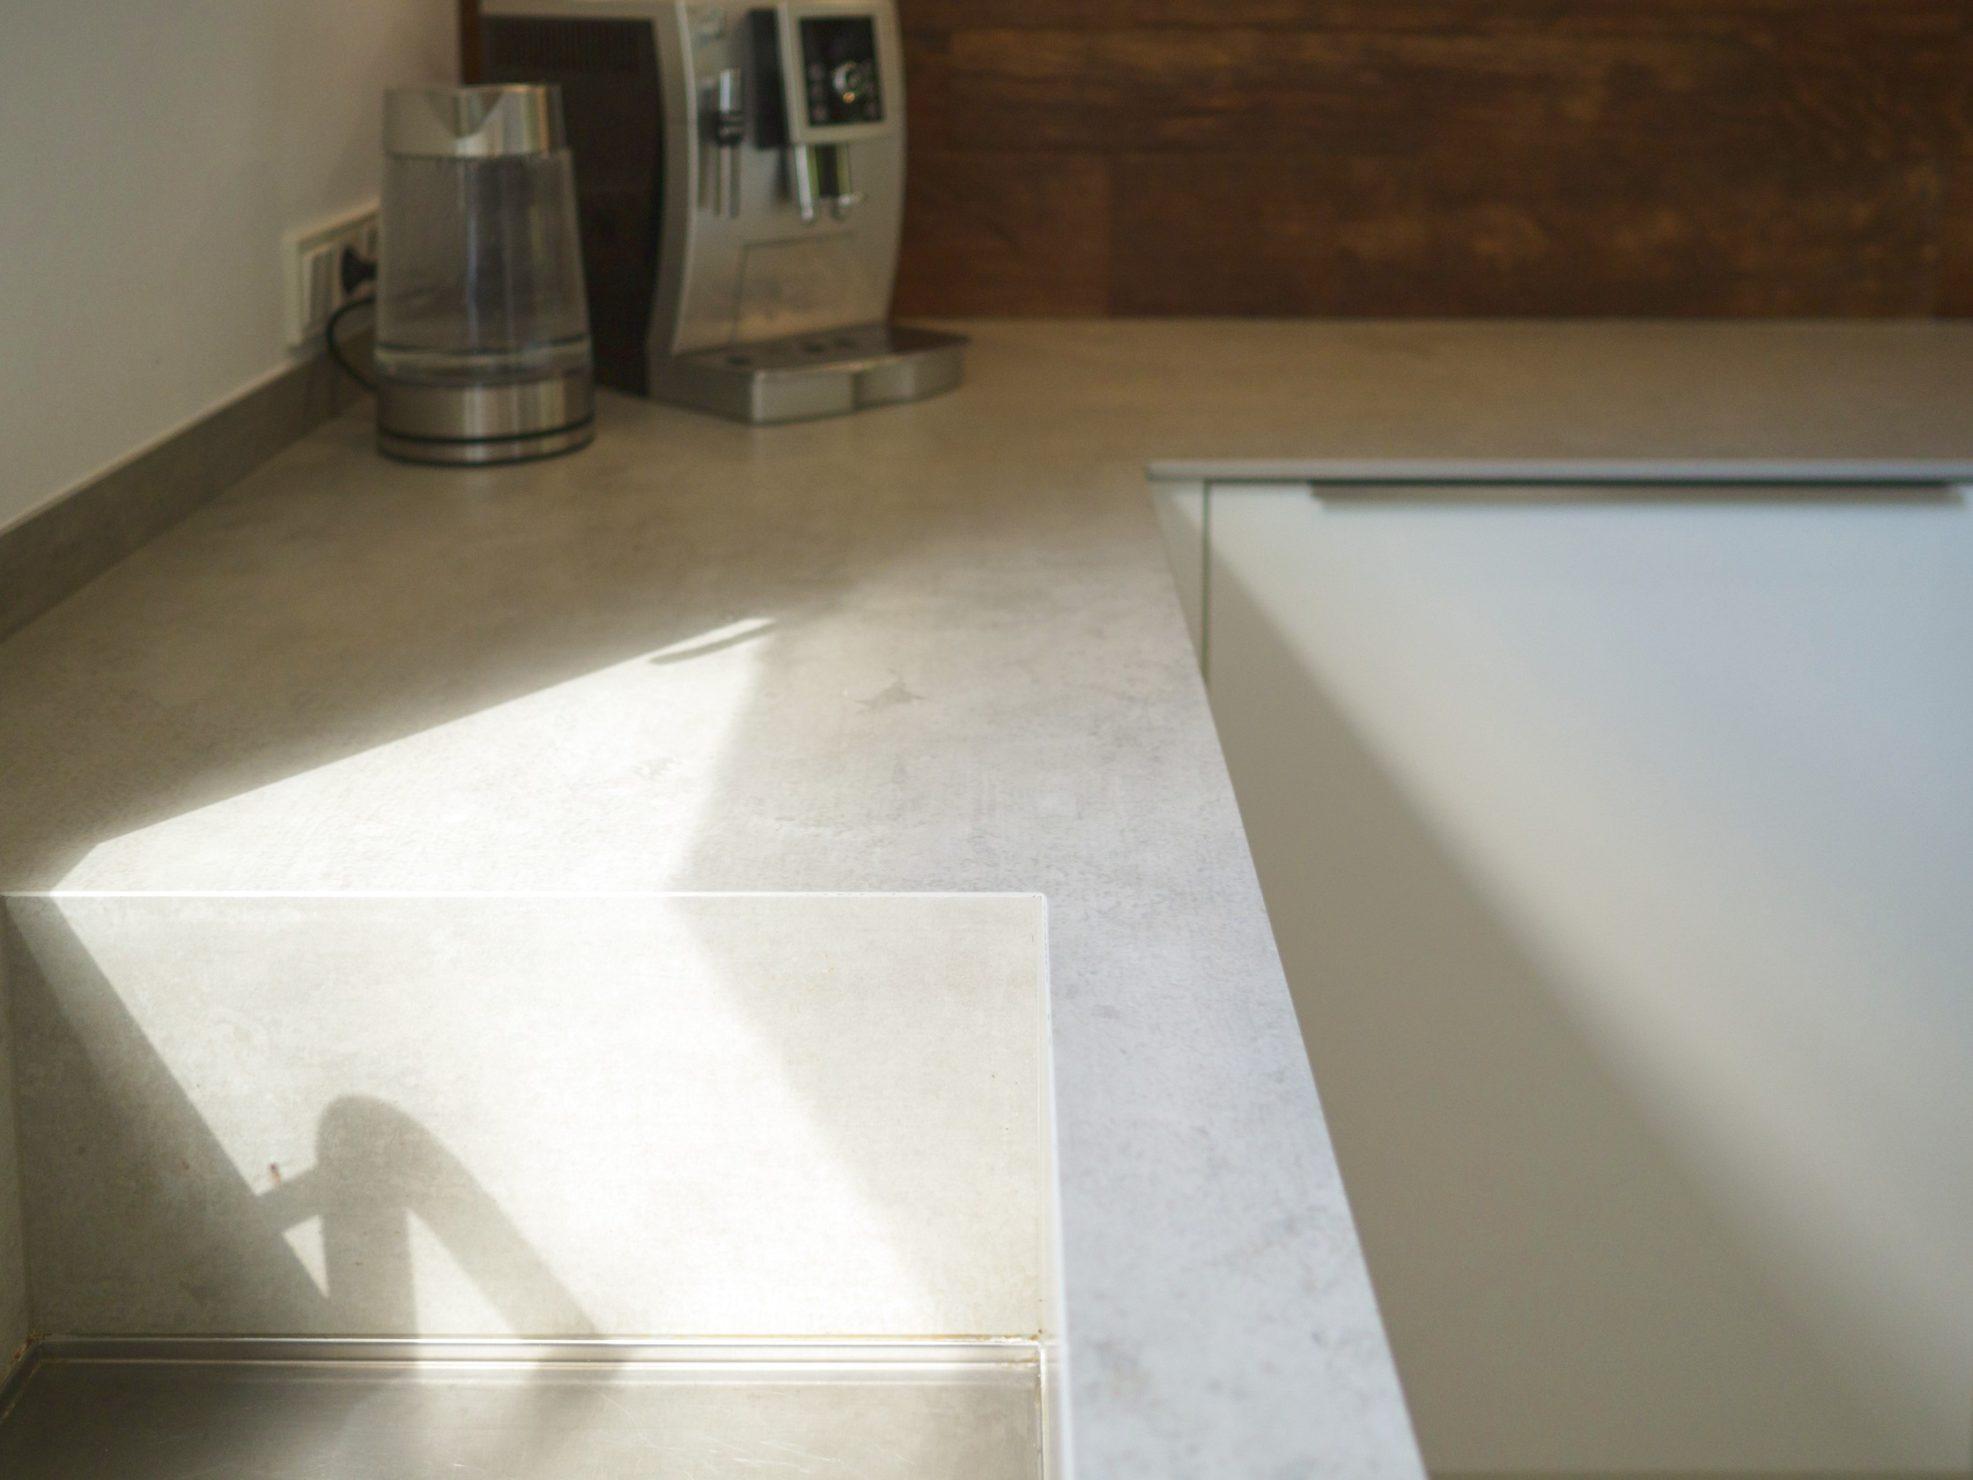 Kueche Fachwerkhaus Hochglanzweiss Keramikarbeitsplatten Rueckwand Alteiche Schreinerei Miele Geraeten 13